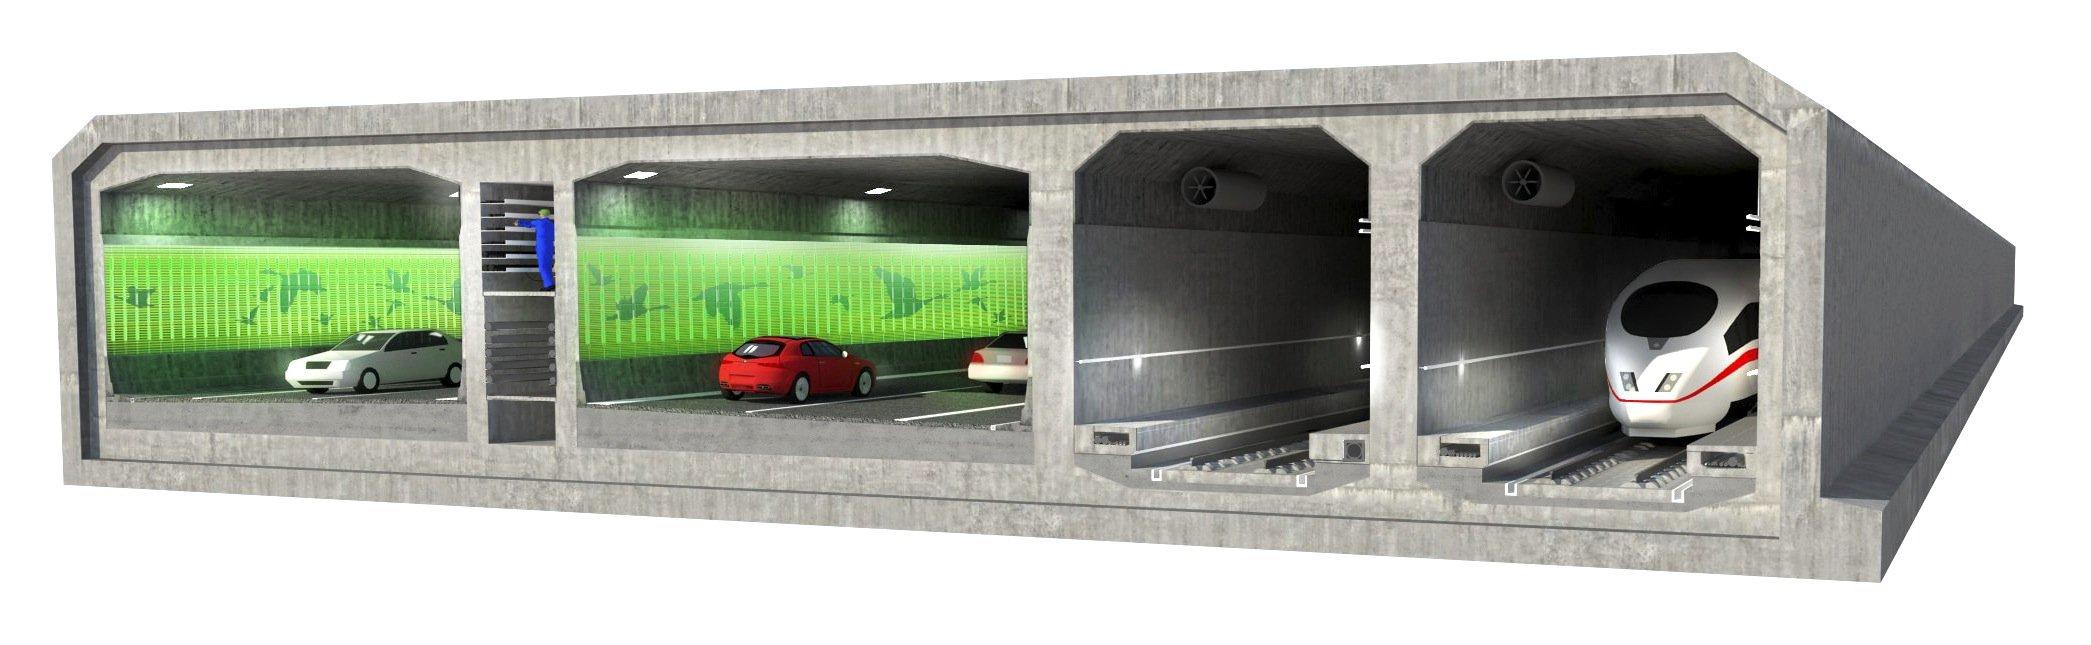 Der Tunnel durch den Fehmarnbelt im Querschnitt: Auto- und Bahntunnels liegen direkt nebeneinander.